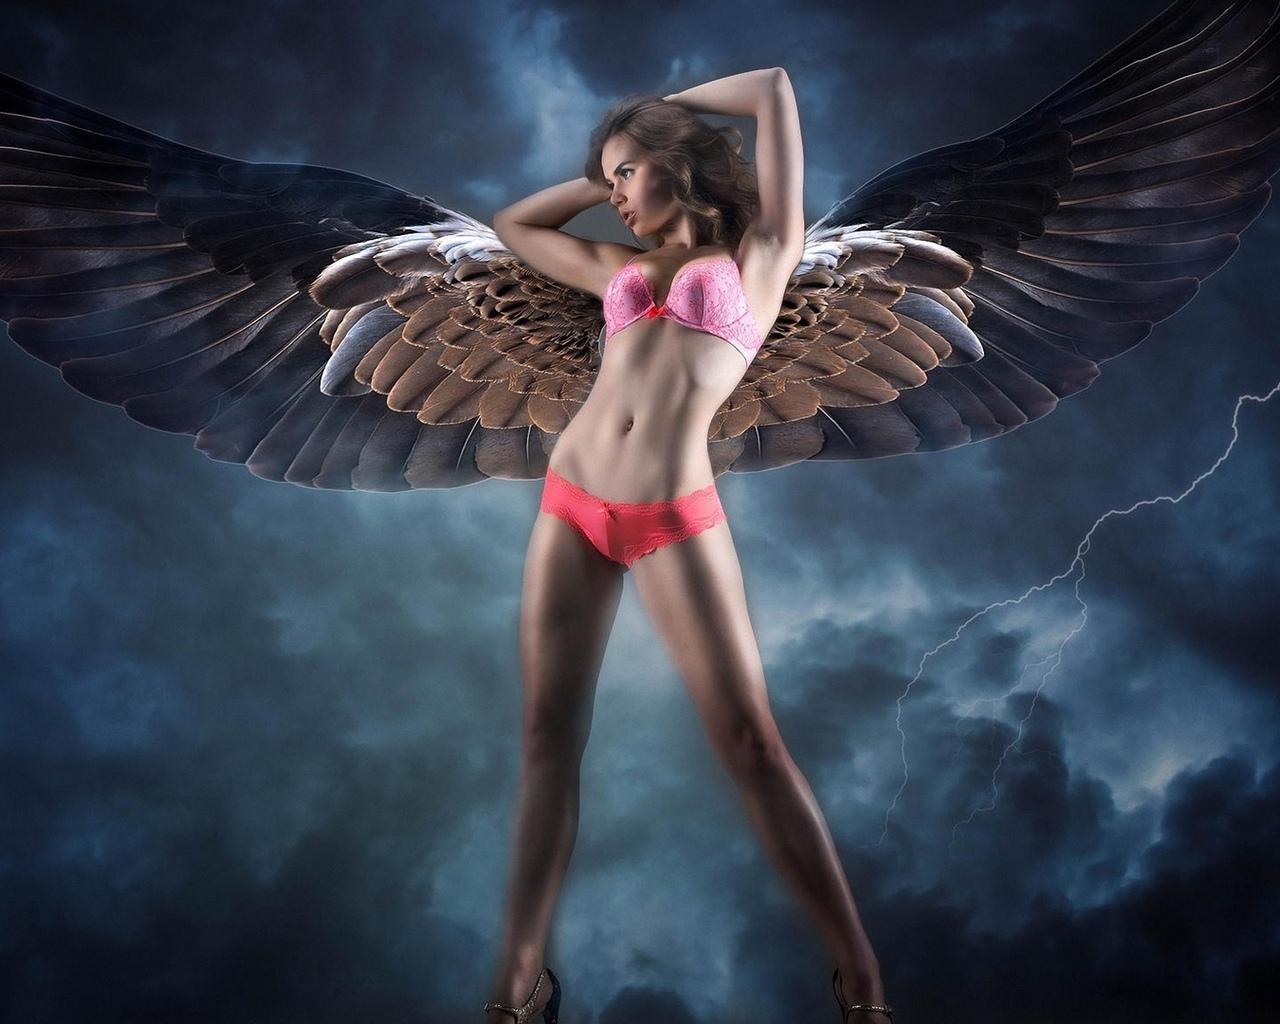 девушка, с крыльями, в белье, фэнтези